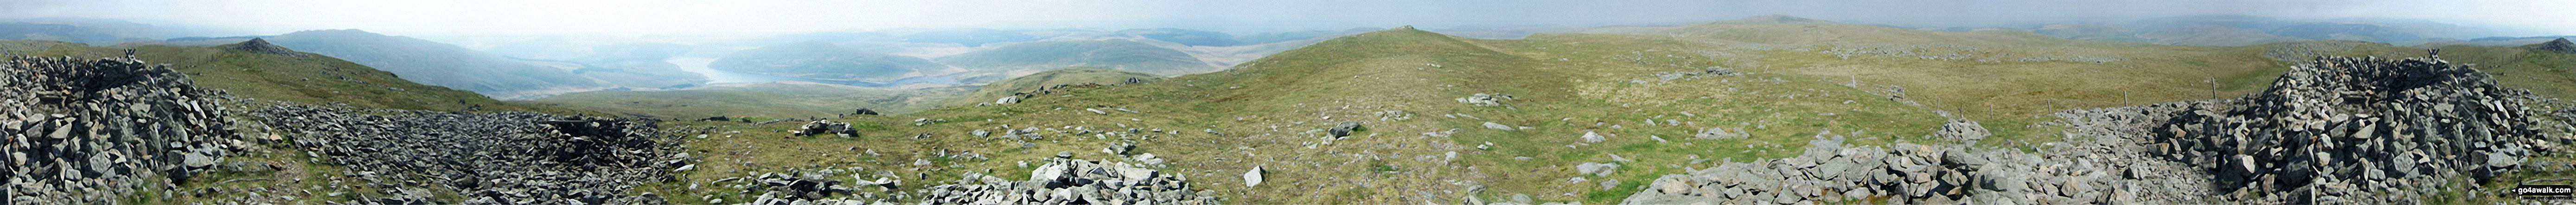 360� Panorama from the summit of Pen Pumlumon Fawr (Plynlimon) featuring: Y Garn (Pumlumon), Nant-y-moch Reservoir, Drosgol (Pumlumon), Pumlumon Fach, Pen Pumlumon Arwystli and Pen Pumlumon Llygad-bychan